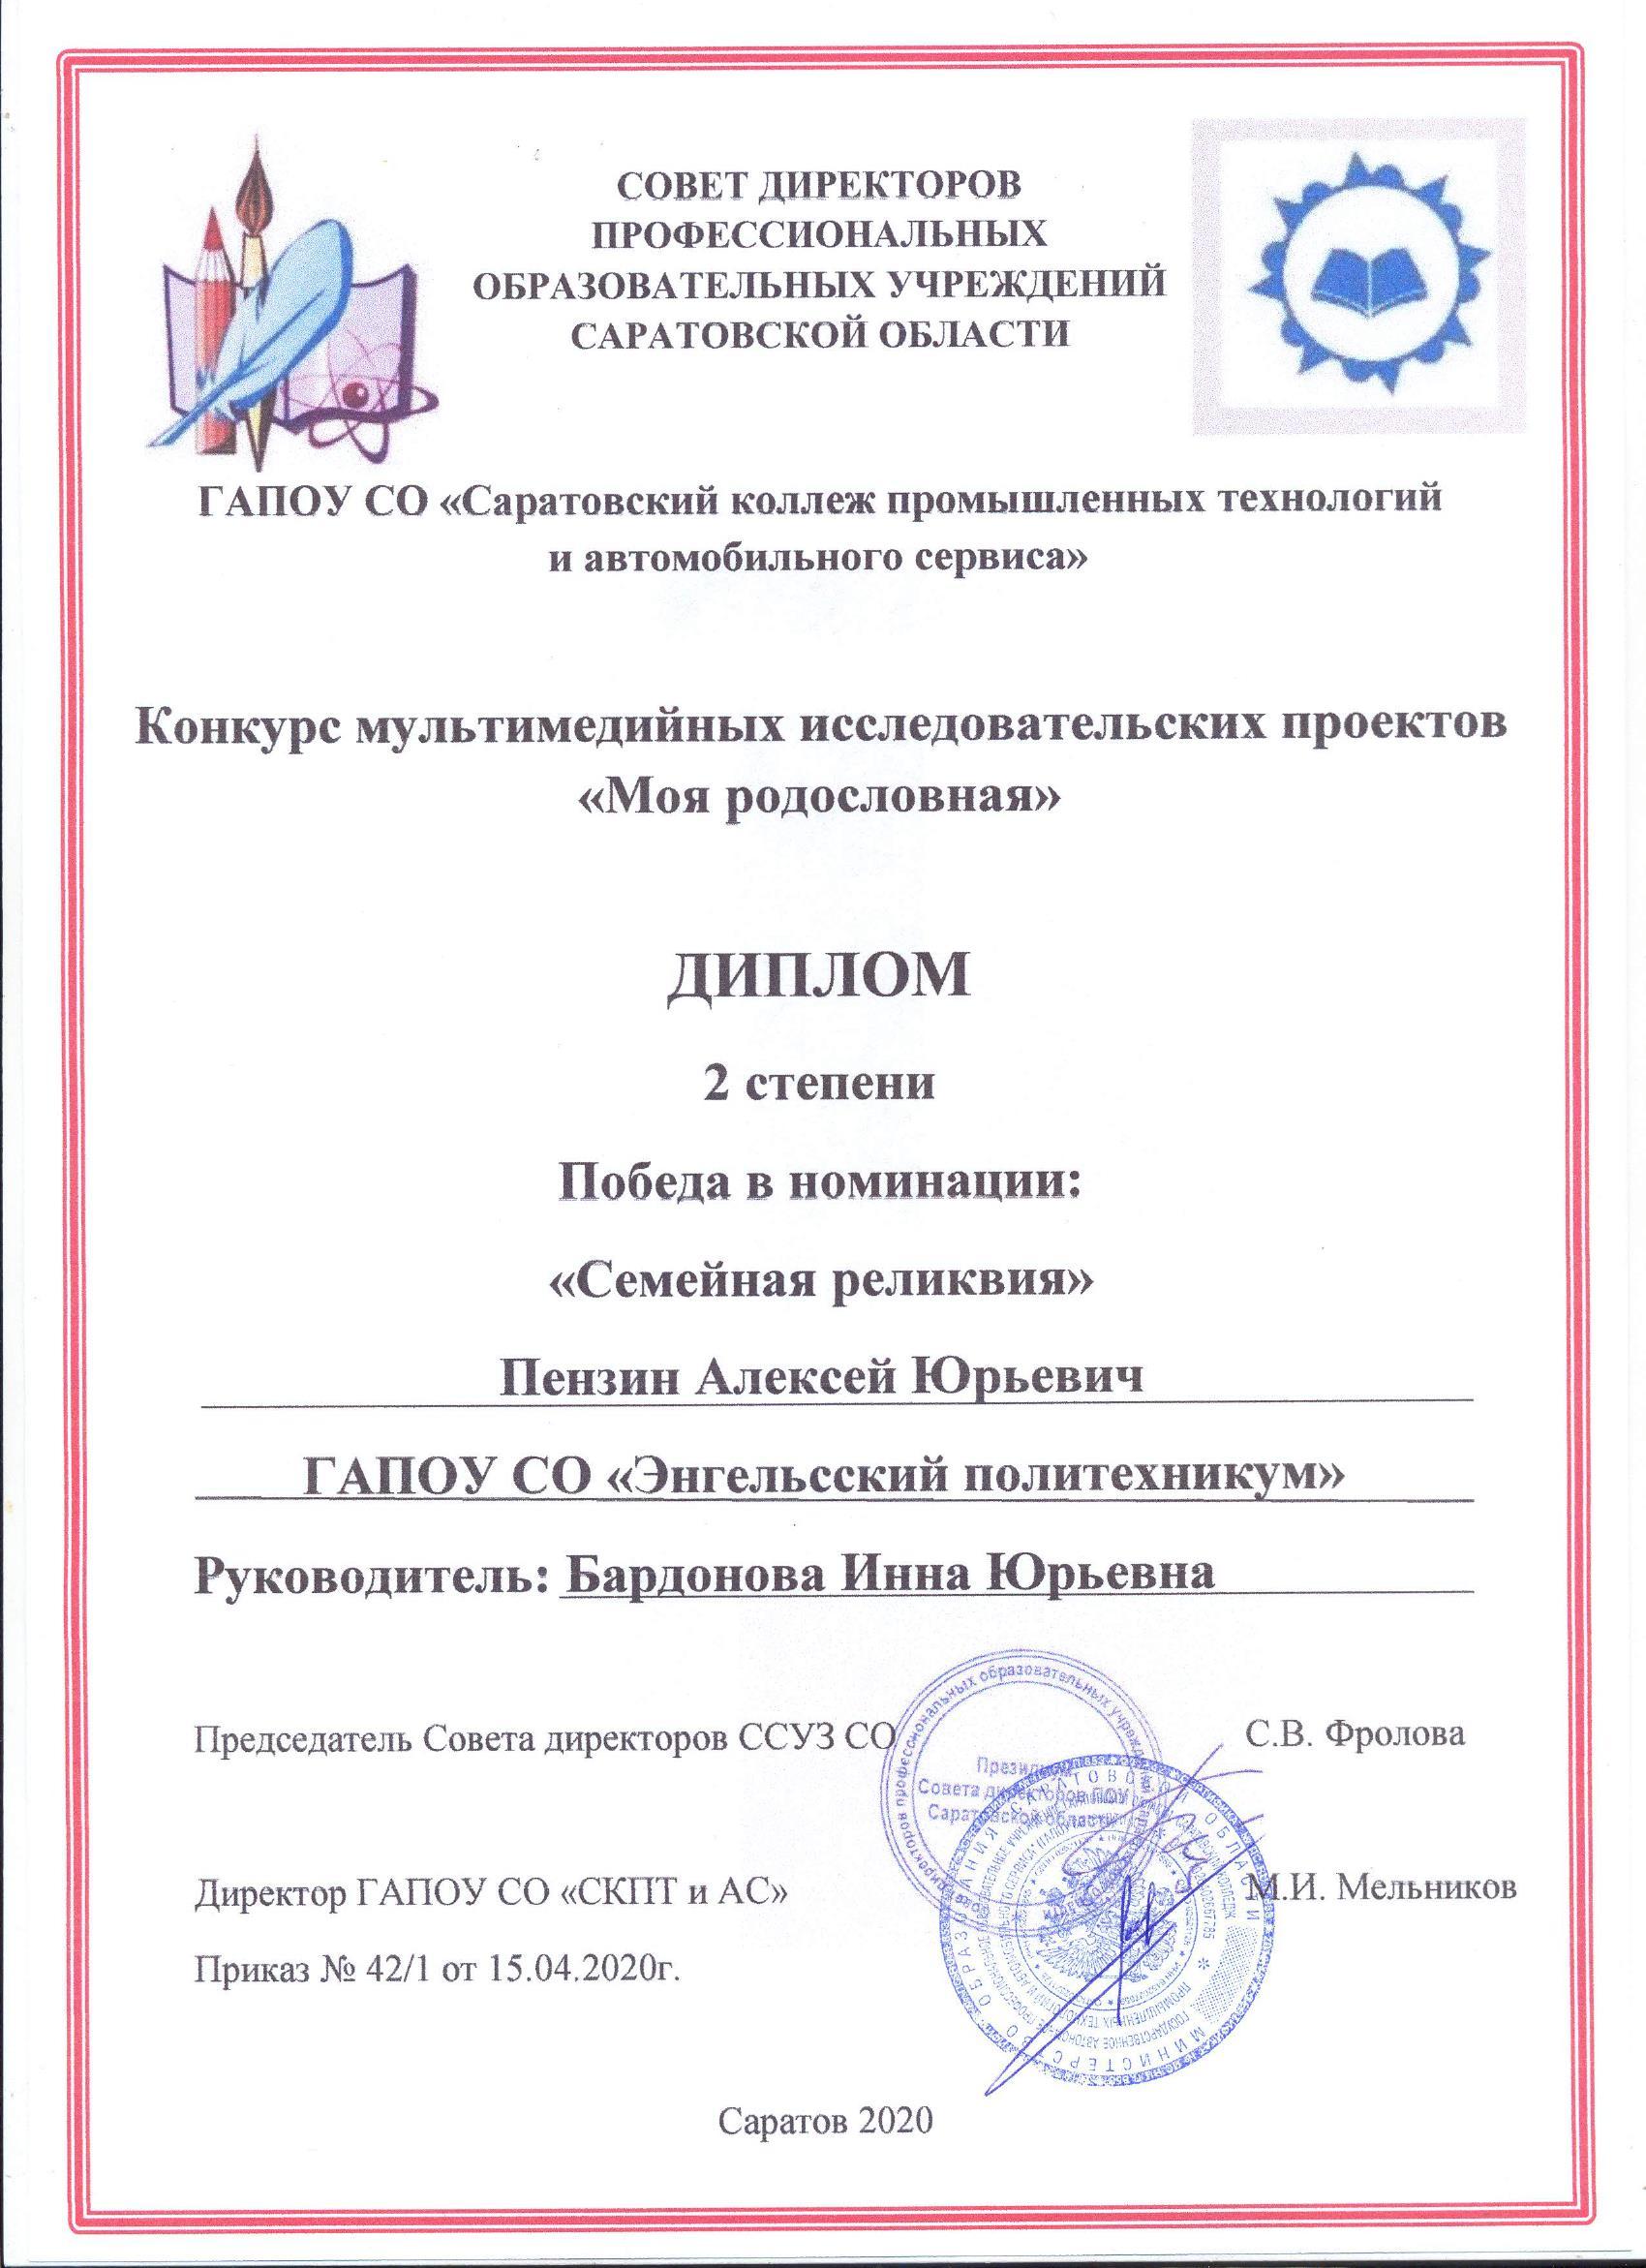 http://politehnikum-eng.ru/2020/06_01/79.jpg